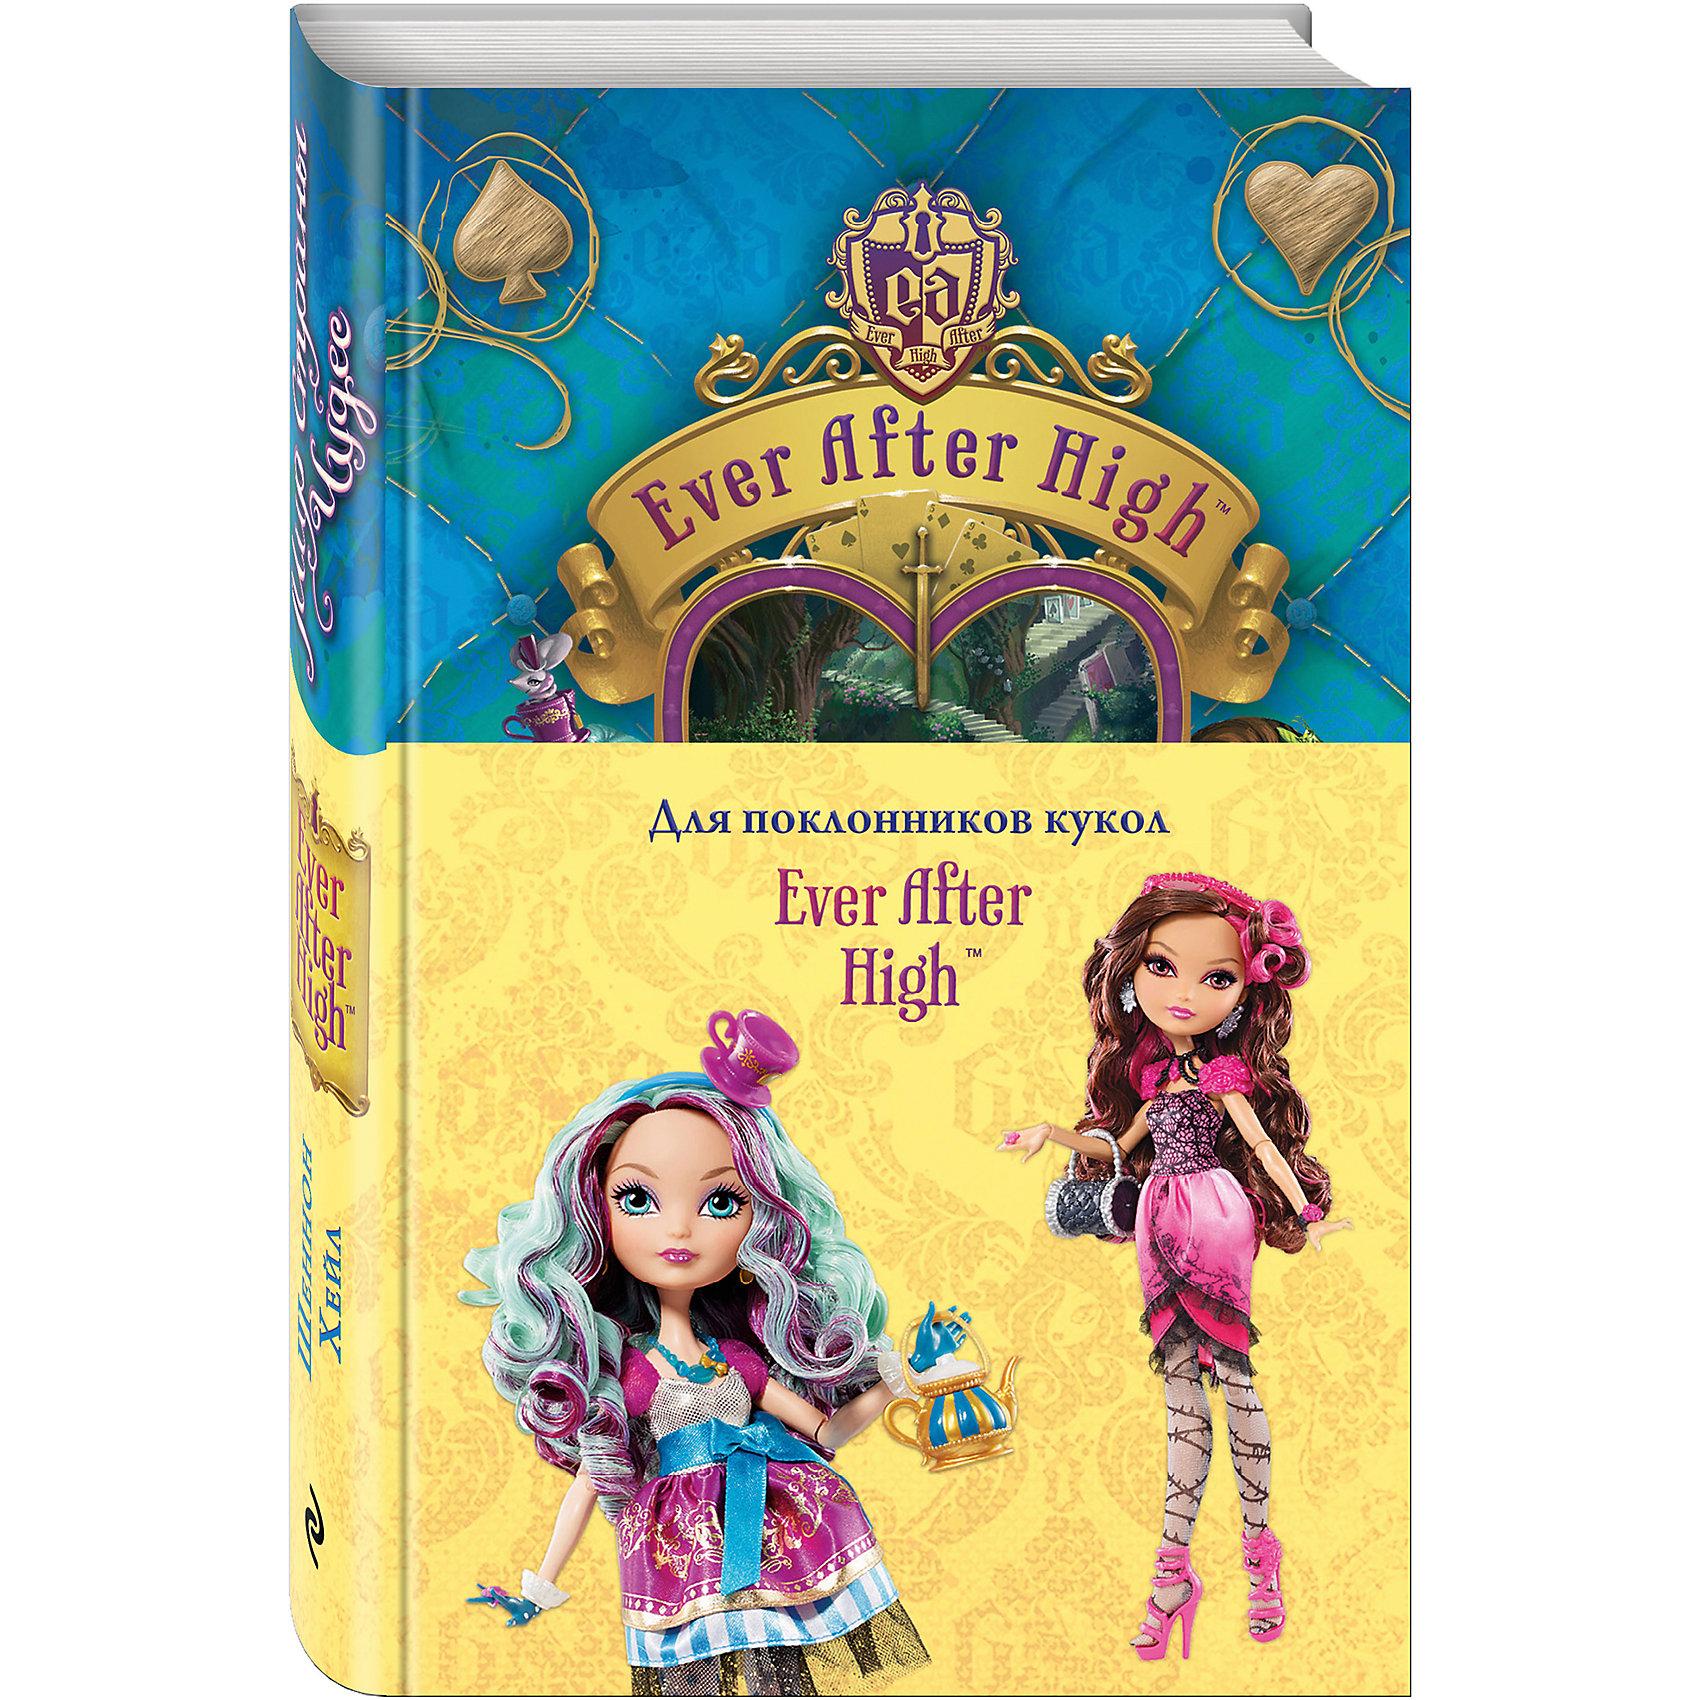 Школа Долго и счастливо. Мир Страны Чудес, Шеннон ХейлКниги по фильмам и мультфильмам<br>Книга Школа Долго и счастливо. Мир Страны Чудес станет приятным сюрпризом для всех юных поклонниц популярных кукол линейки Ever After High от Mattel. На страницах этой увлекательной книги Вы вновь встретитесь с любимыми героями и переживете вместе с ними невероятные приключения. В стране Долго и счастливо начали происходить странные вещи, все пошло кувырком, стало шиворот-навыворот. Появились брандашмыги, предметы и растения ожили, а здание школы принялось меняться на глазах. Все стало не тем, чем было. Да к тому же бедная Рэйвен превратилась в ворону, а Эппл в яблоко. А виной всему злобный Бармаглот, который проник в этот мир из Страны Чудес и мечтает превратить его в подобие своей родины. Стране Долго и счастливо грозит неминуемая гибель. И только Лиззи Хартс, Кедра Вуд и Мэдлин Хэттер, кажется, сохранили рассудок. Теперь подругам предстоит важная миссия - спасти от проклятия остальных учеников школы и вернуть все на свои места. Для среднего школьного возраста.<br><br>Дополнительная информация:<br><br>- Автор: Шеннон Хейл.<br>- Серия: Ever After High.<br>- Переплет: твердый переплет.<br>- Иллюстрации: без иллюстраций.<br>- Объем: 480 стр. <br>- Размер книги: 20,7 x 13,5 x 2,9 см.<br>- Вес: 0,574 кг.<br><br>Книгу Школа Долго и счастливо. Мир Страны Чудес, Шеннон Хейл, Эксмо, можно купить в нашем интернет-магазине.<br><br>Ширина мм: 207<br>Глубина мм: 135<br>Высота мм: 29<br>Вес г: 574<br>Возраст от месяцев: 72<br>Возраст до месяцев: 144<br>Пол: Женский<br>Возраст: Детский<br>SKU: 4573010